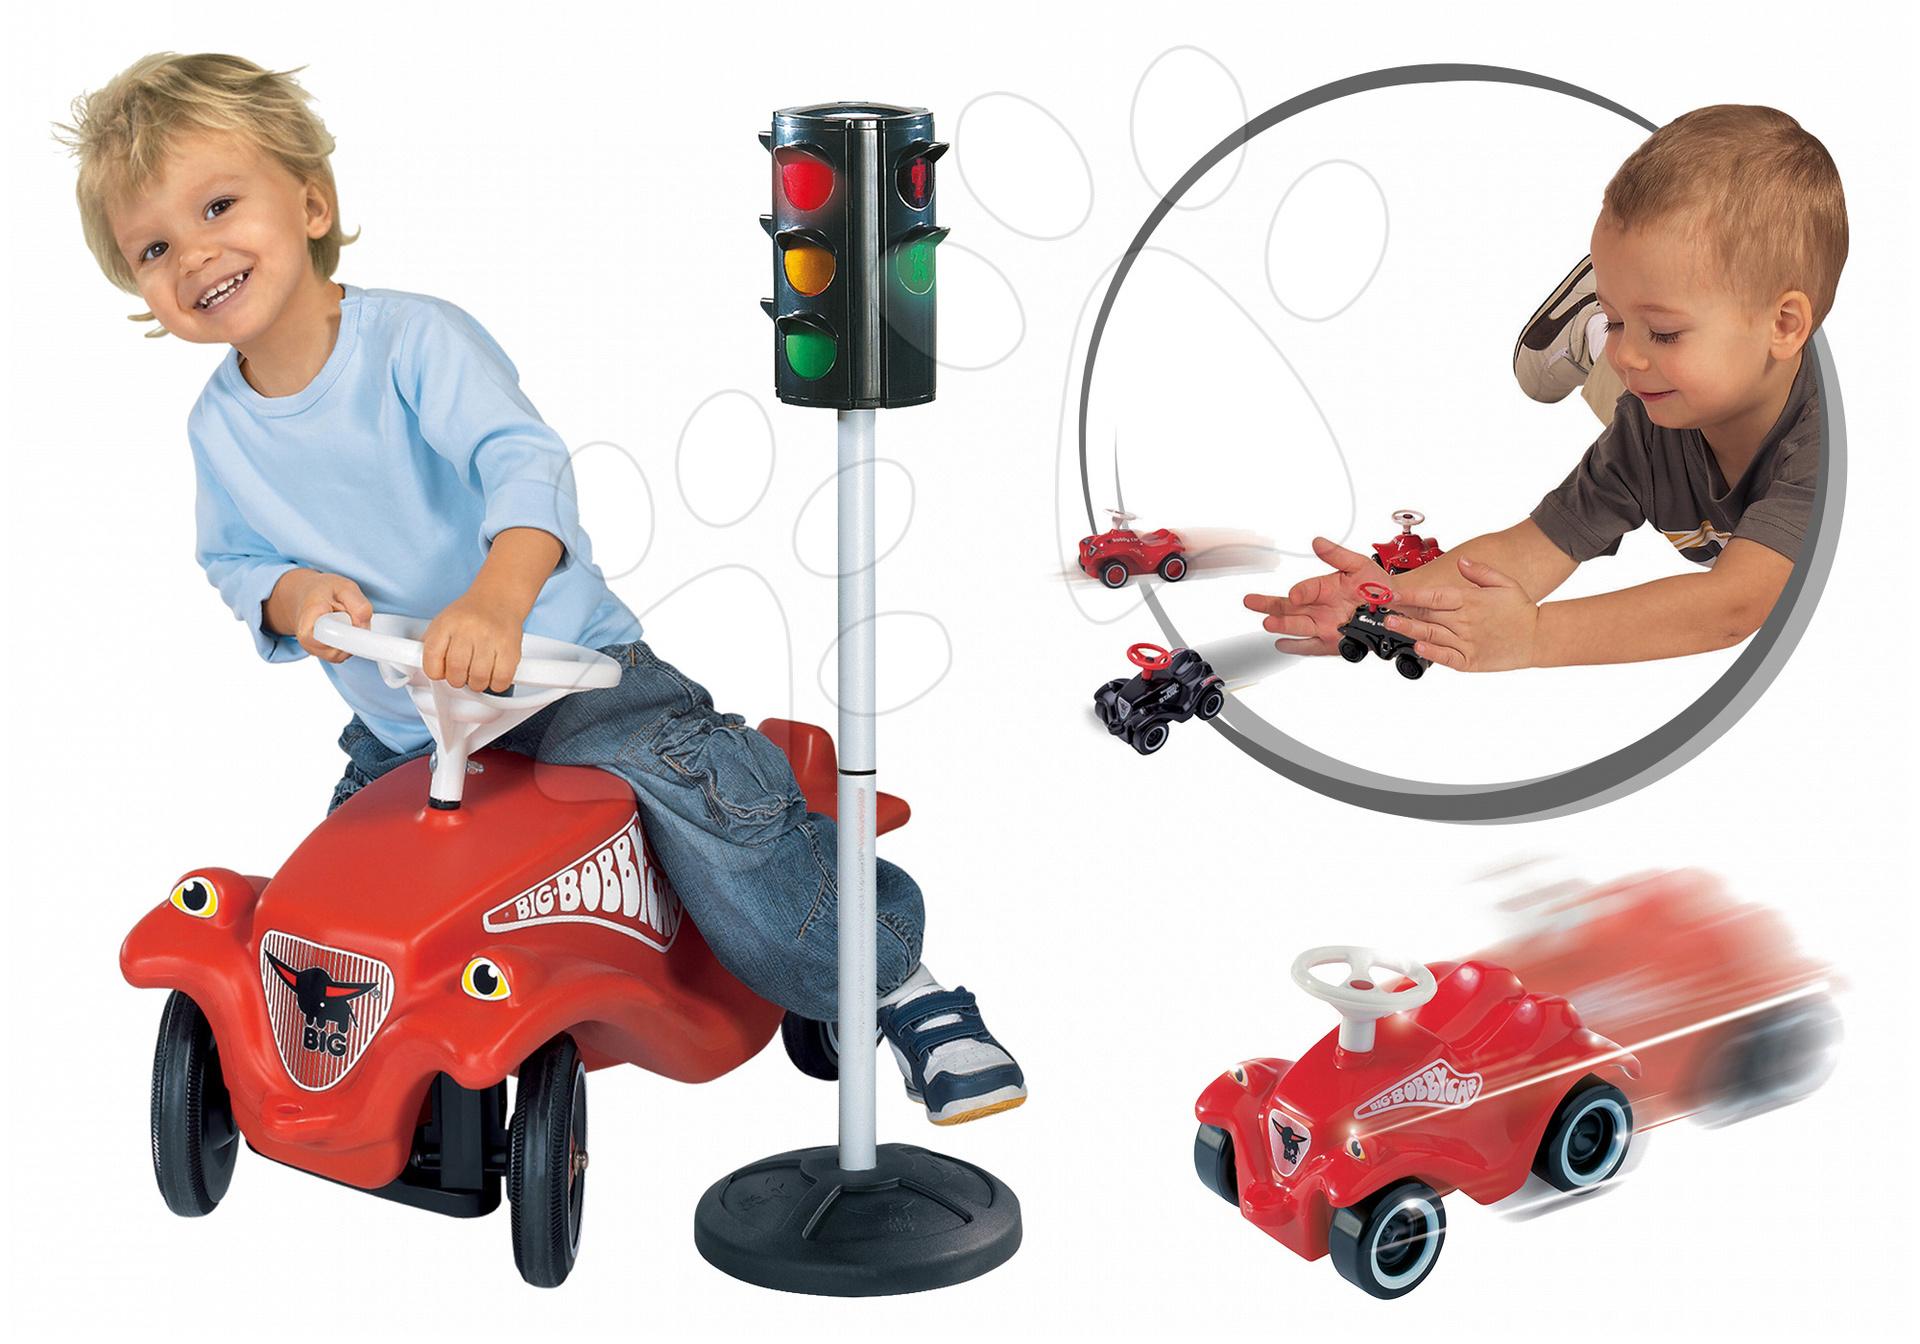 Odrážadlá sety - Set odrážadlo Bobby Classic BIG s klaksónom červené, automatický semafor a autíčko Mini Bobby na naťahovanie od 12 mes